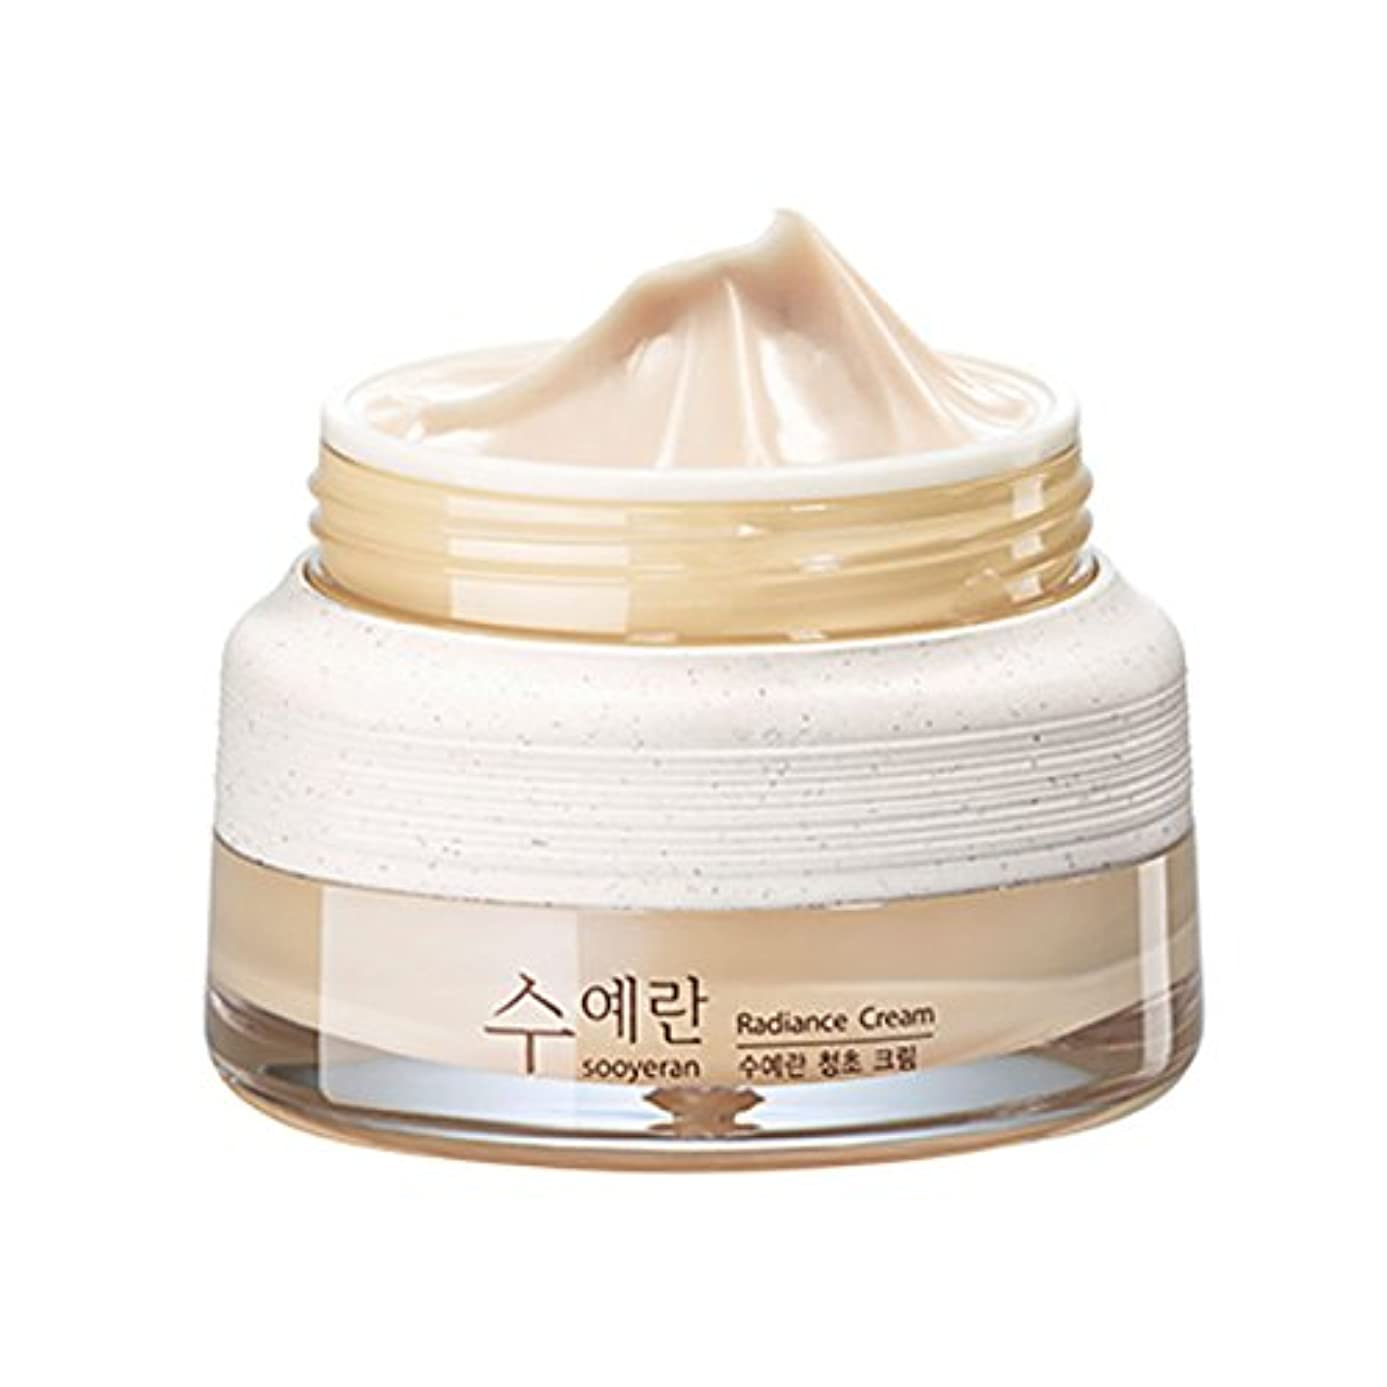 [ザセム] The Saem スイエラン 清楚 クリーム Sooyeran Radiance Cream (海外直送品) [並行輸入品]